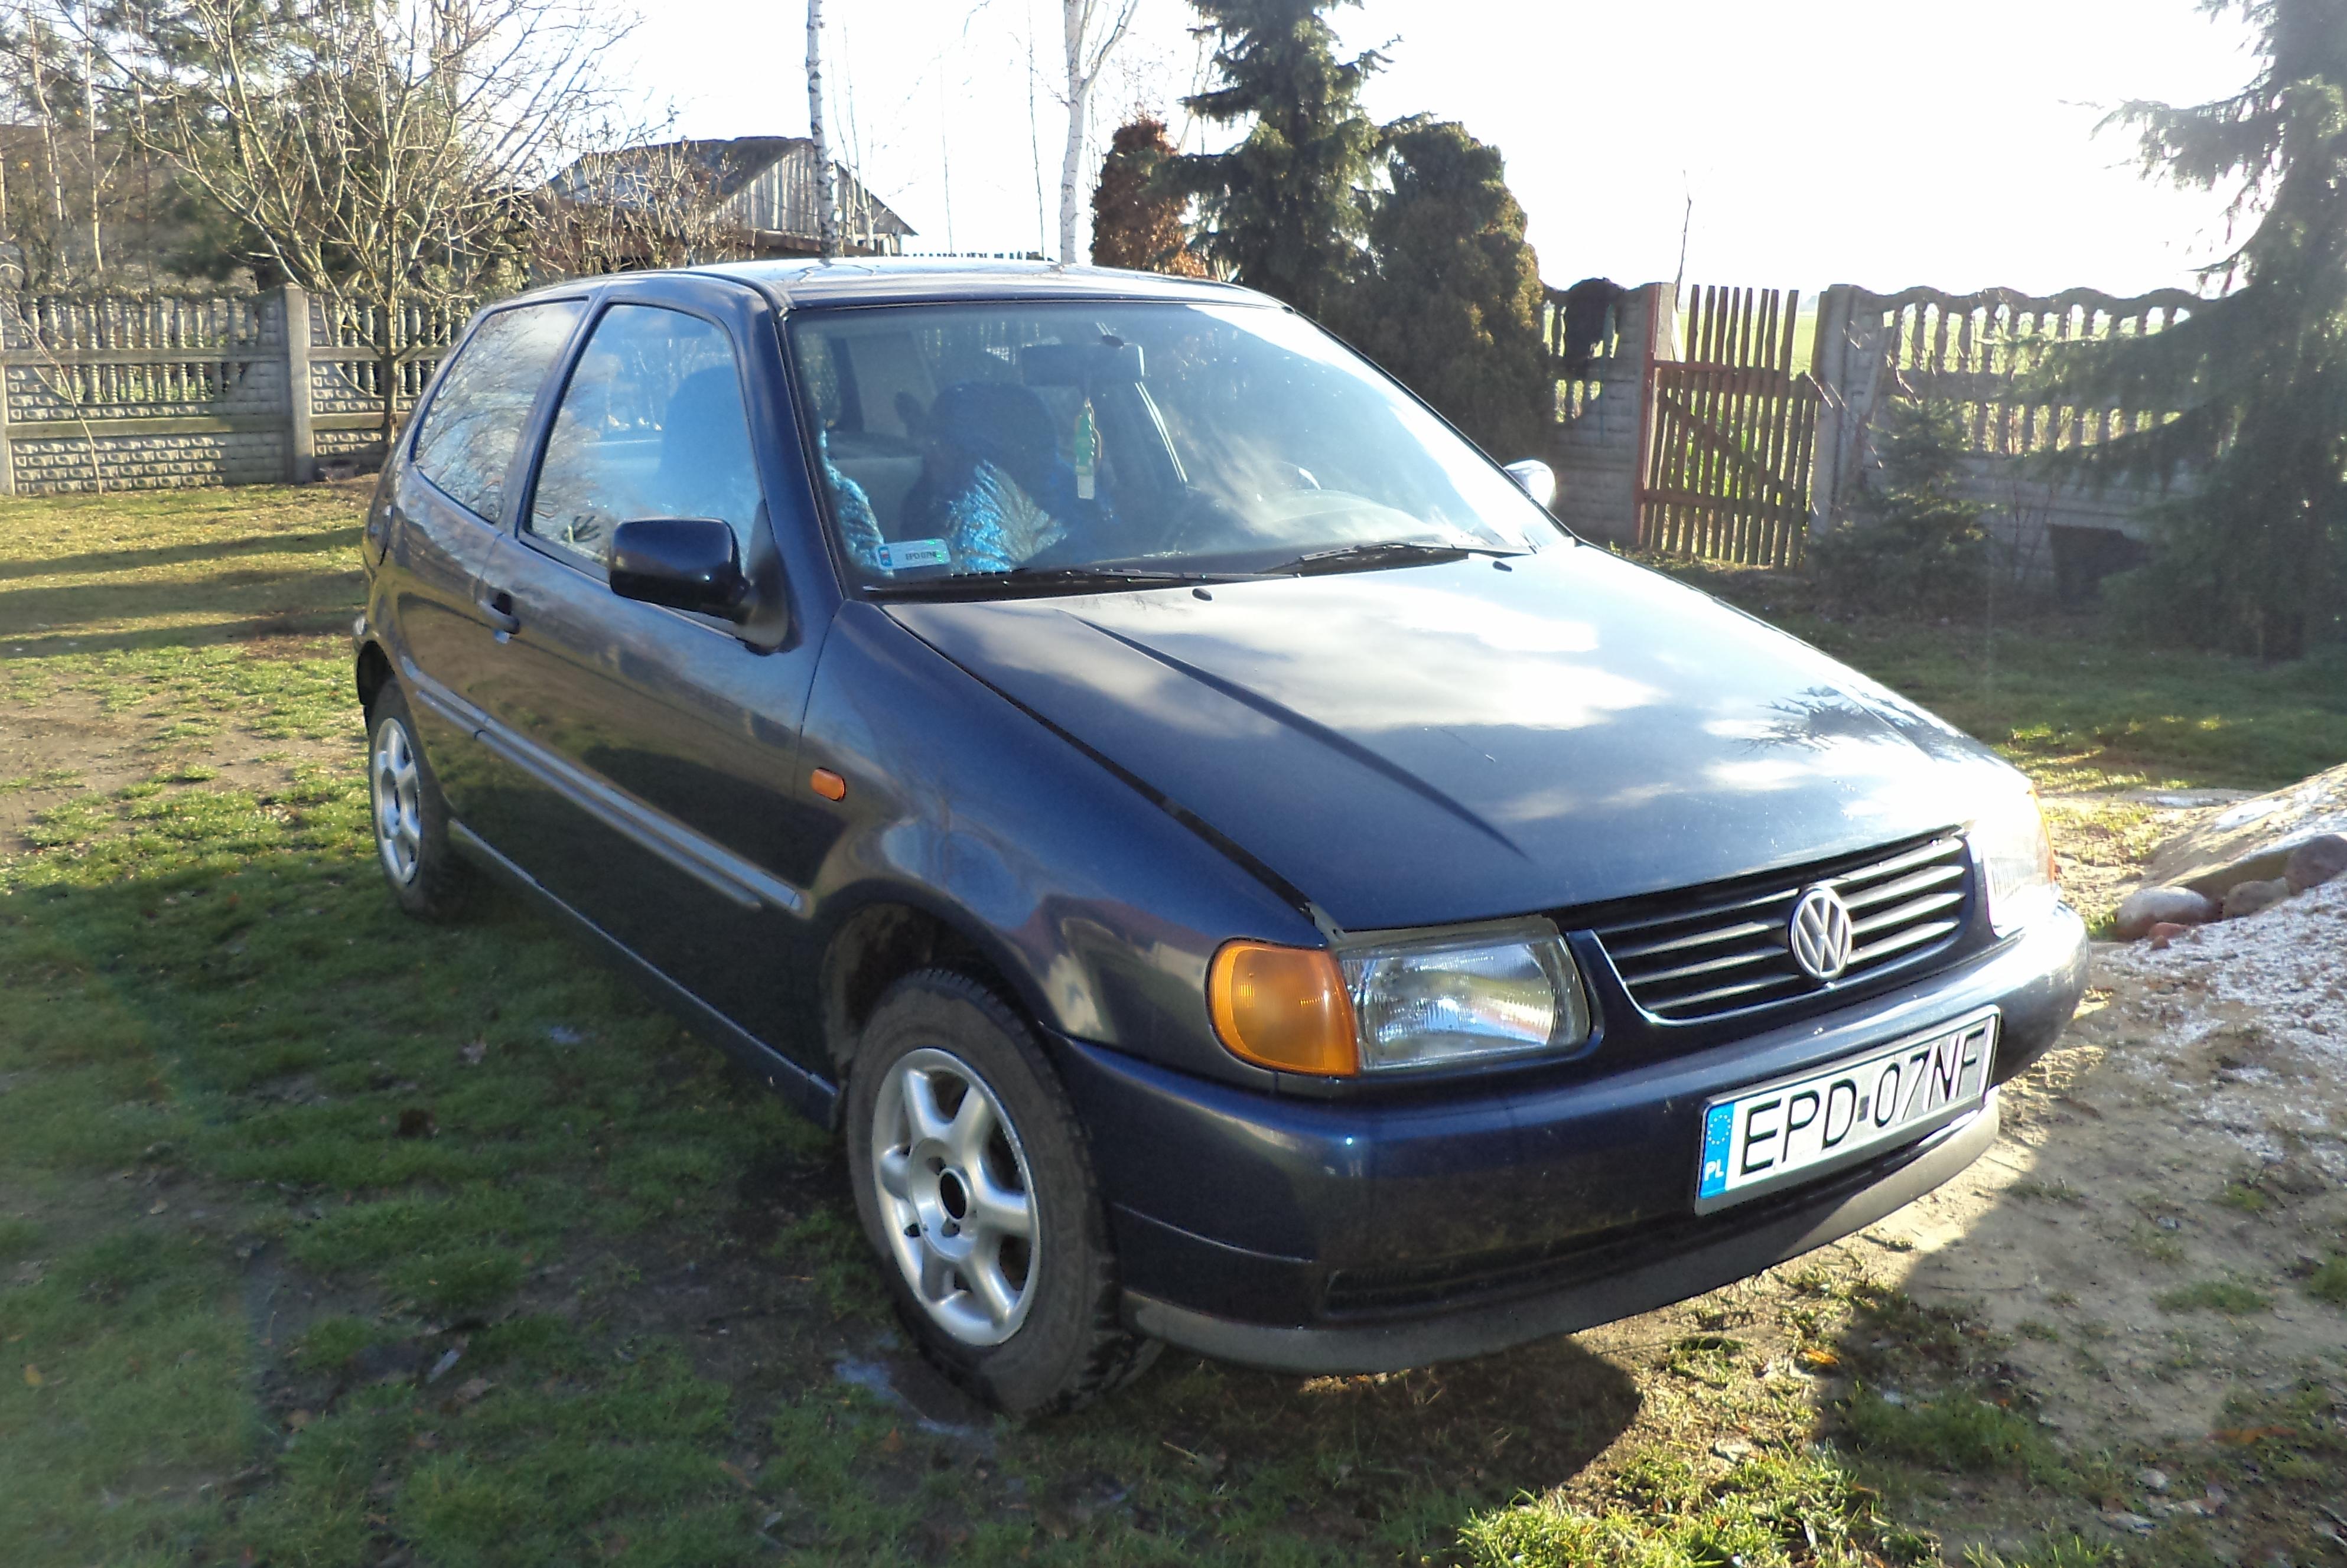 Volkswagen Polo 1.0 Benzyna - stan bardzo dobry. *ważne opłaty*